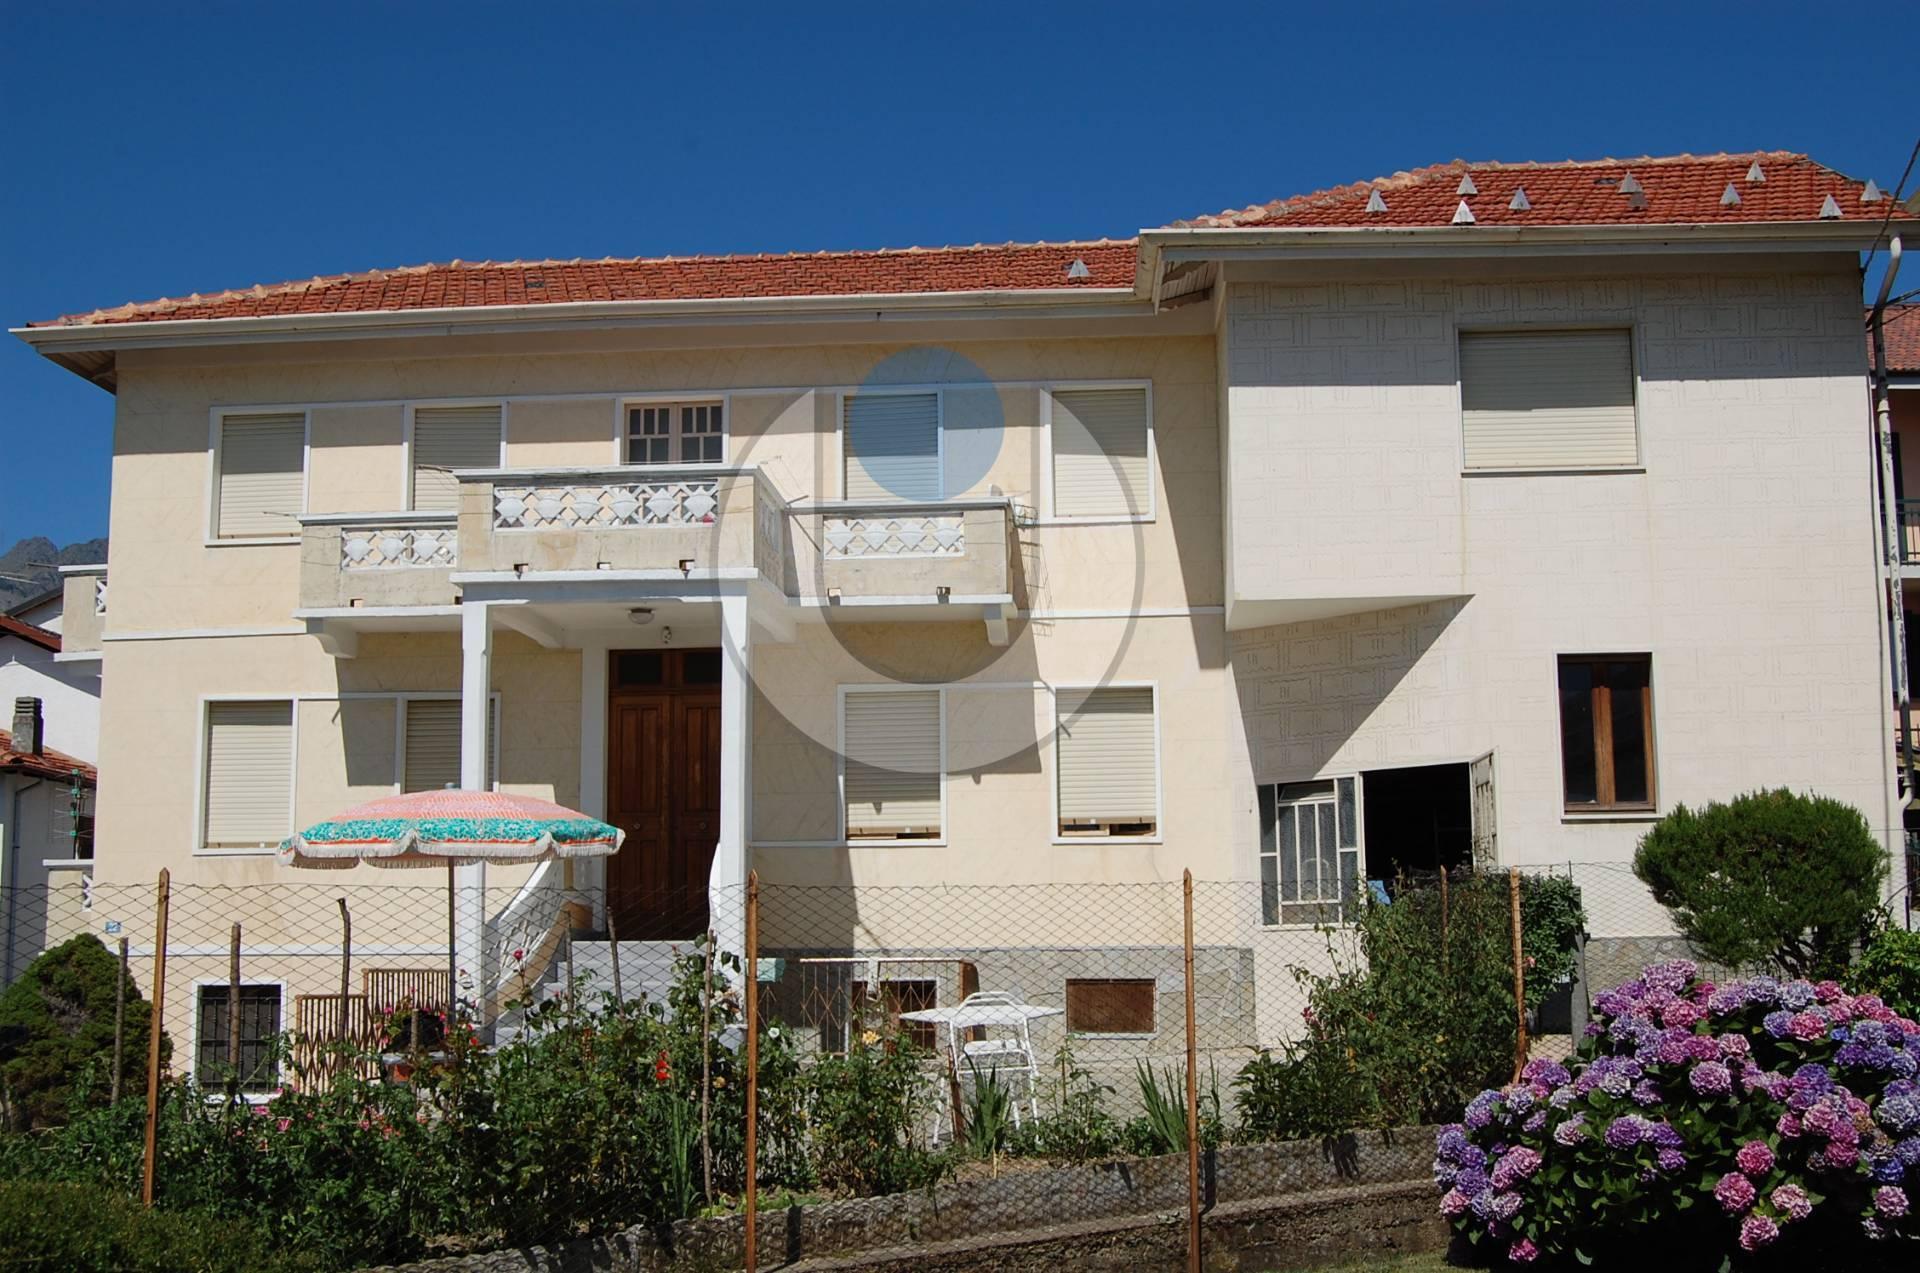 Soluzione Indipendente in vendita a Coazze, 8 locali, zona Località: Semicentro, prezzo € 95.000 | PortaleAgenzieImmobiliari.it